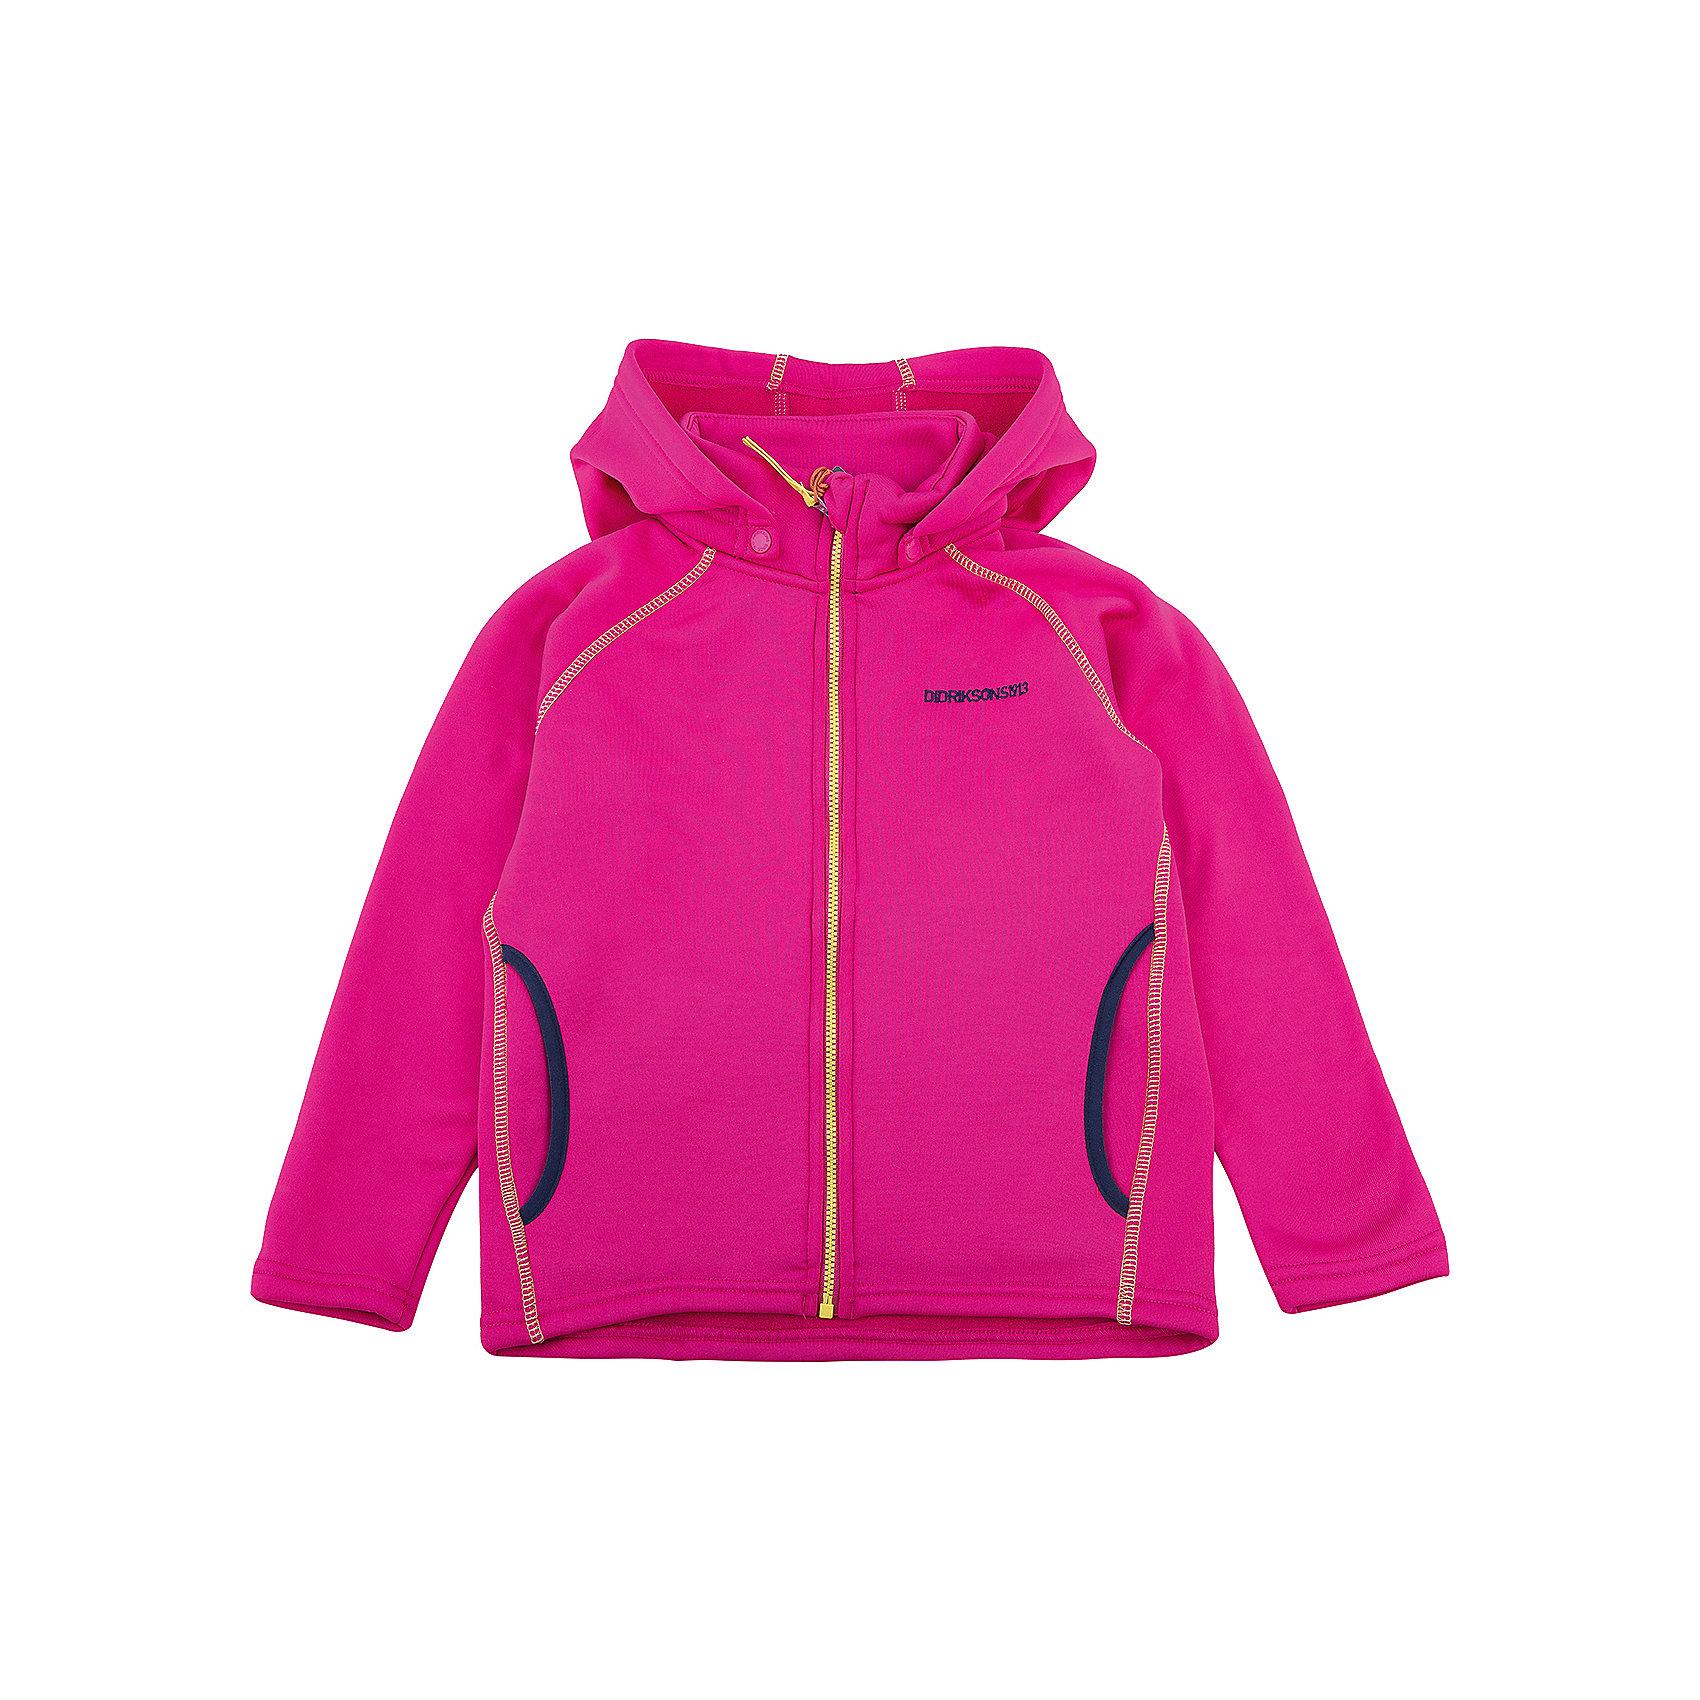 ТолстовкаBAWAL для девочки DIDRIKSONSТолстовки<br>Толстовка из гладкого флиса.  Мягкий и комфортный флис обладает хорошими теплоизоляционными свойствами, которые сохраняются даже во влажном состоянии. Этот материал прост в уходе (допускается стирка в машине). Съемный капюшон. Весной и летом эта модель будет работать как самостоятельная верхняя одежда, а в ненастную погоду ее можно использовать как утепляющий слой под водонепроницаемую верхнюю одежду.<br>Состав:<br>95% полиэстер, эластан 5%<br><br>Ширина мм: 356<br>Глубина мм: 10<br>Высота мм: 245<br>Вес г: 519<br>Цвет: розовый<br>Возраст от месяцев: 12<br>Возраст до месяцев: 18<br>Пол: Женский<br>Возраст: Детский<br>Размер: 110,90,140,130,80,100,120<br>SKU: 5576735